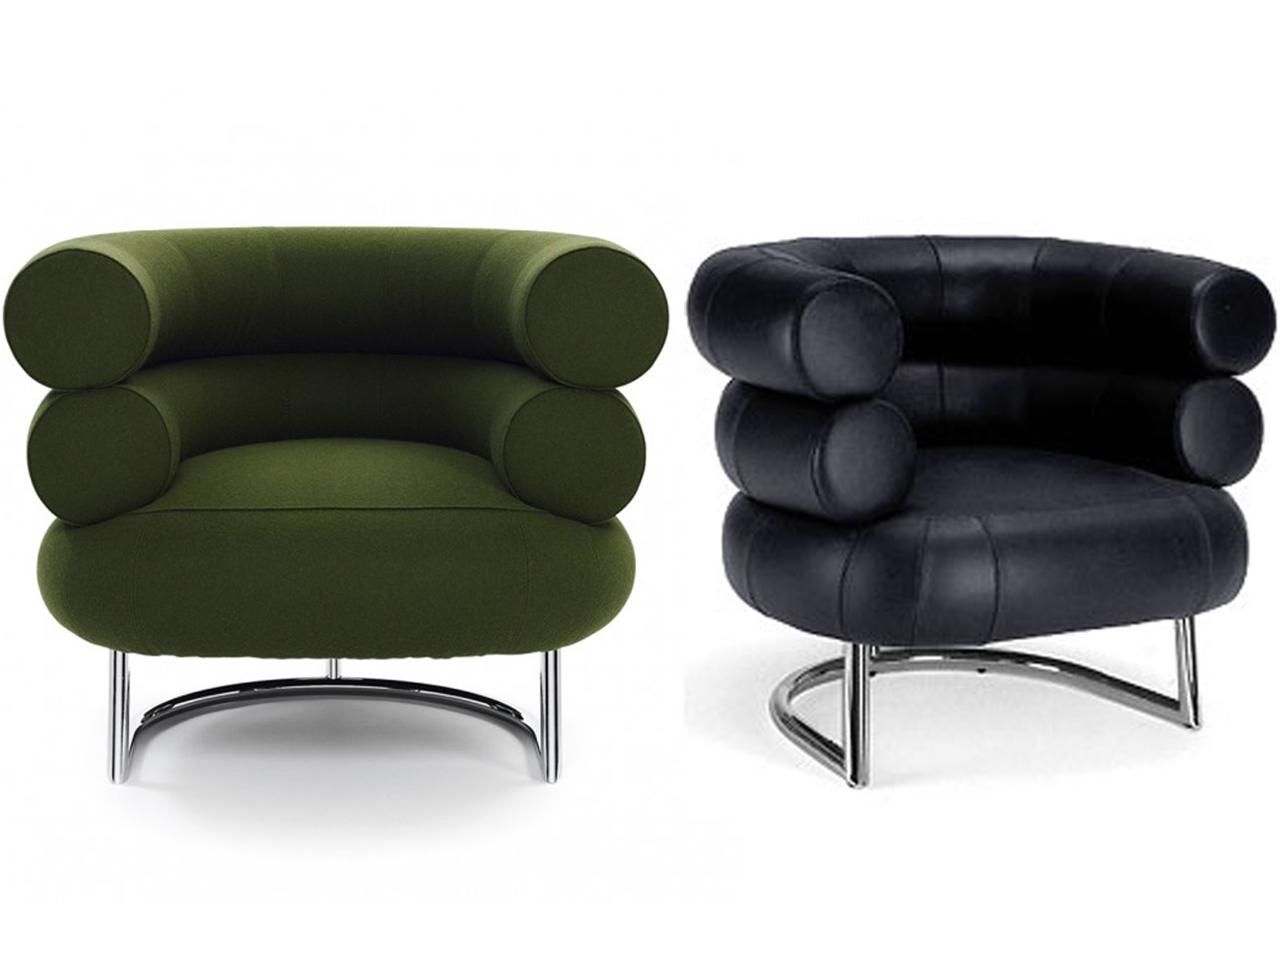 Bauhaus Los Más Emblemáticos Diseños 23 De La deQWrExCBo